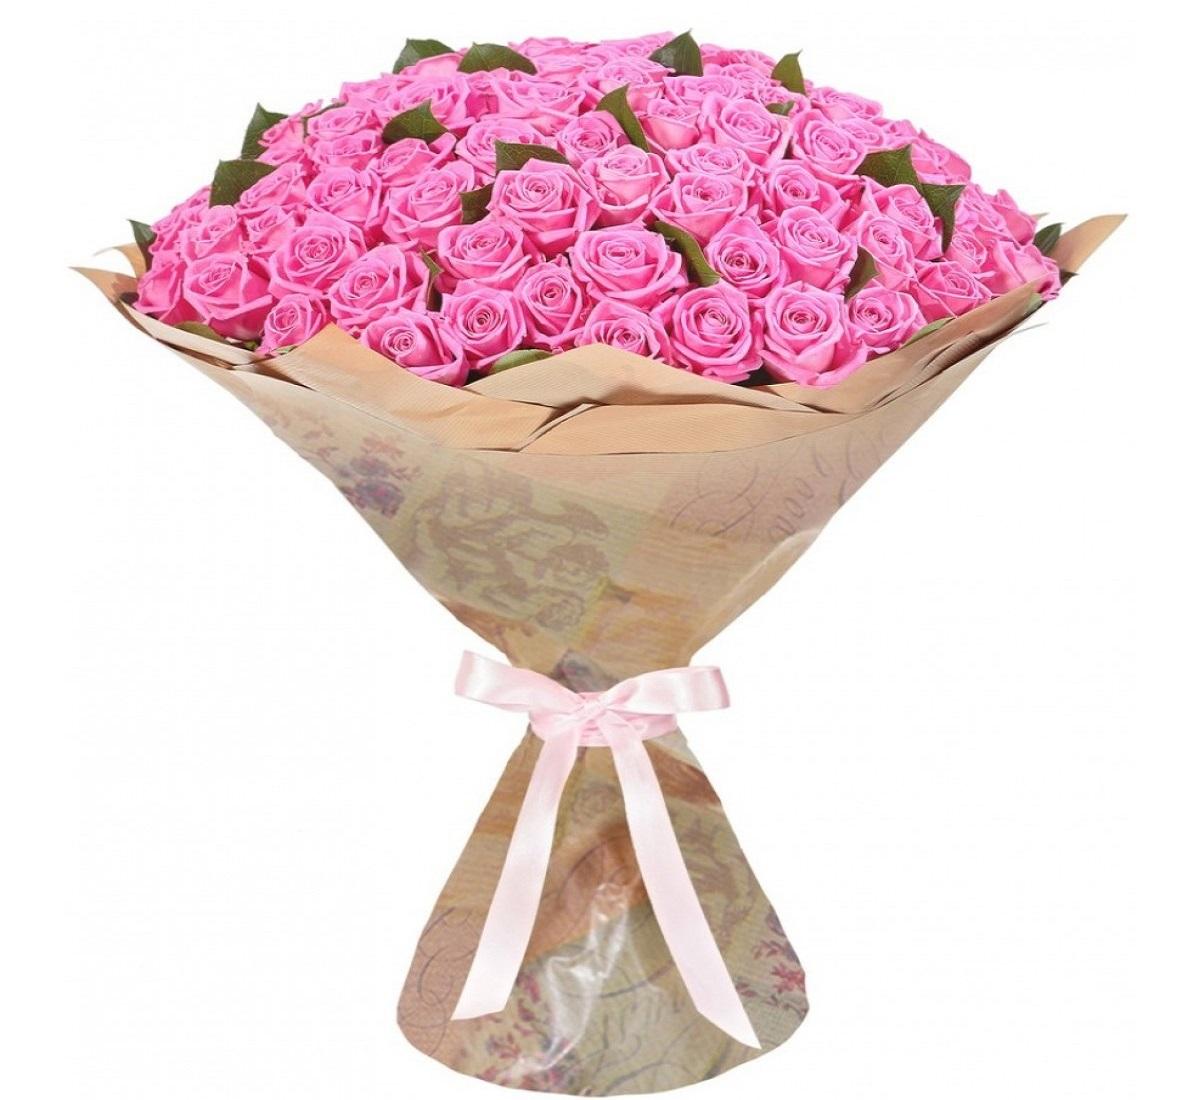 Заказ цветов одесса гривна недорого, оптовых склад цветов